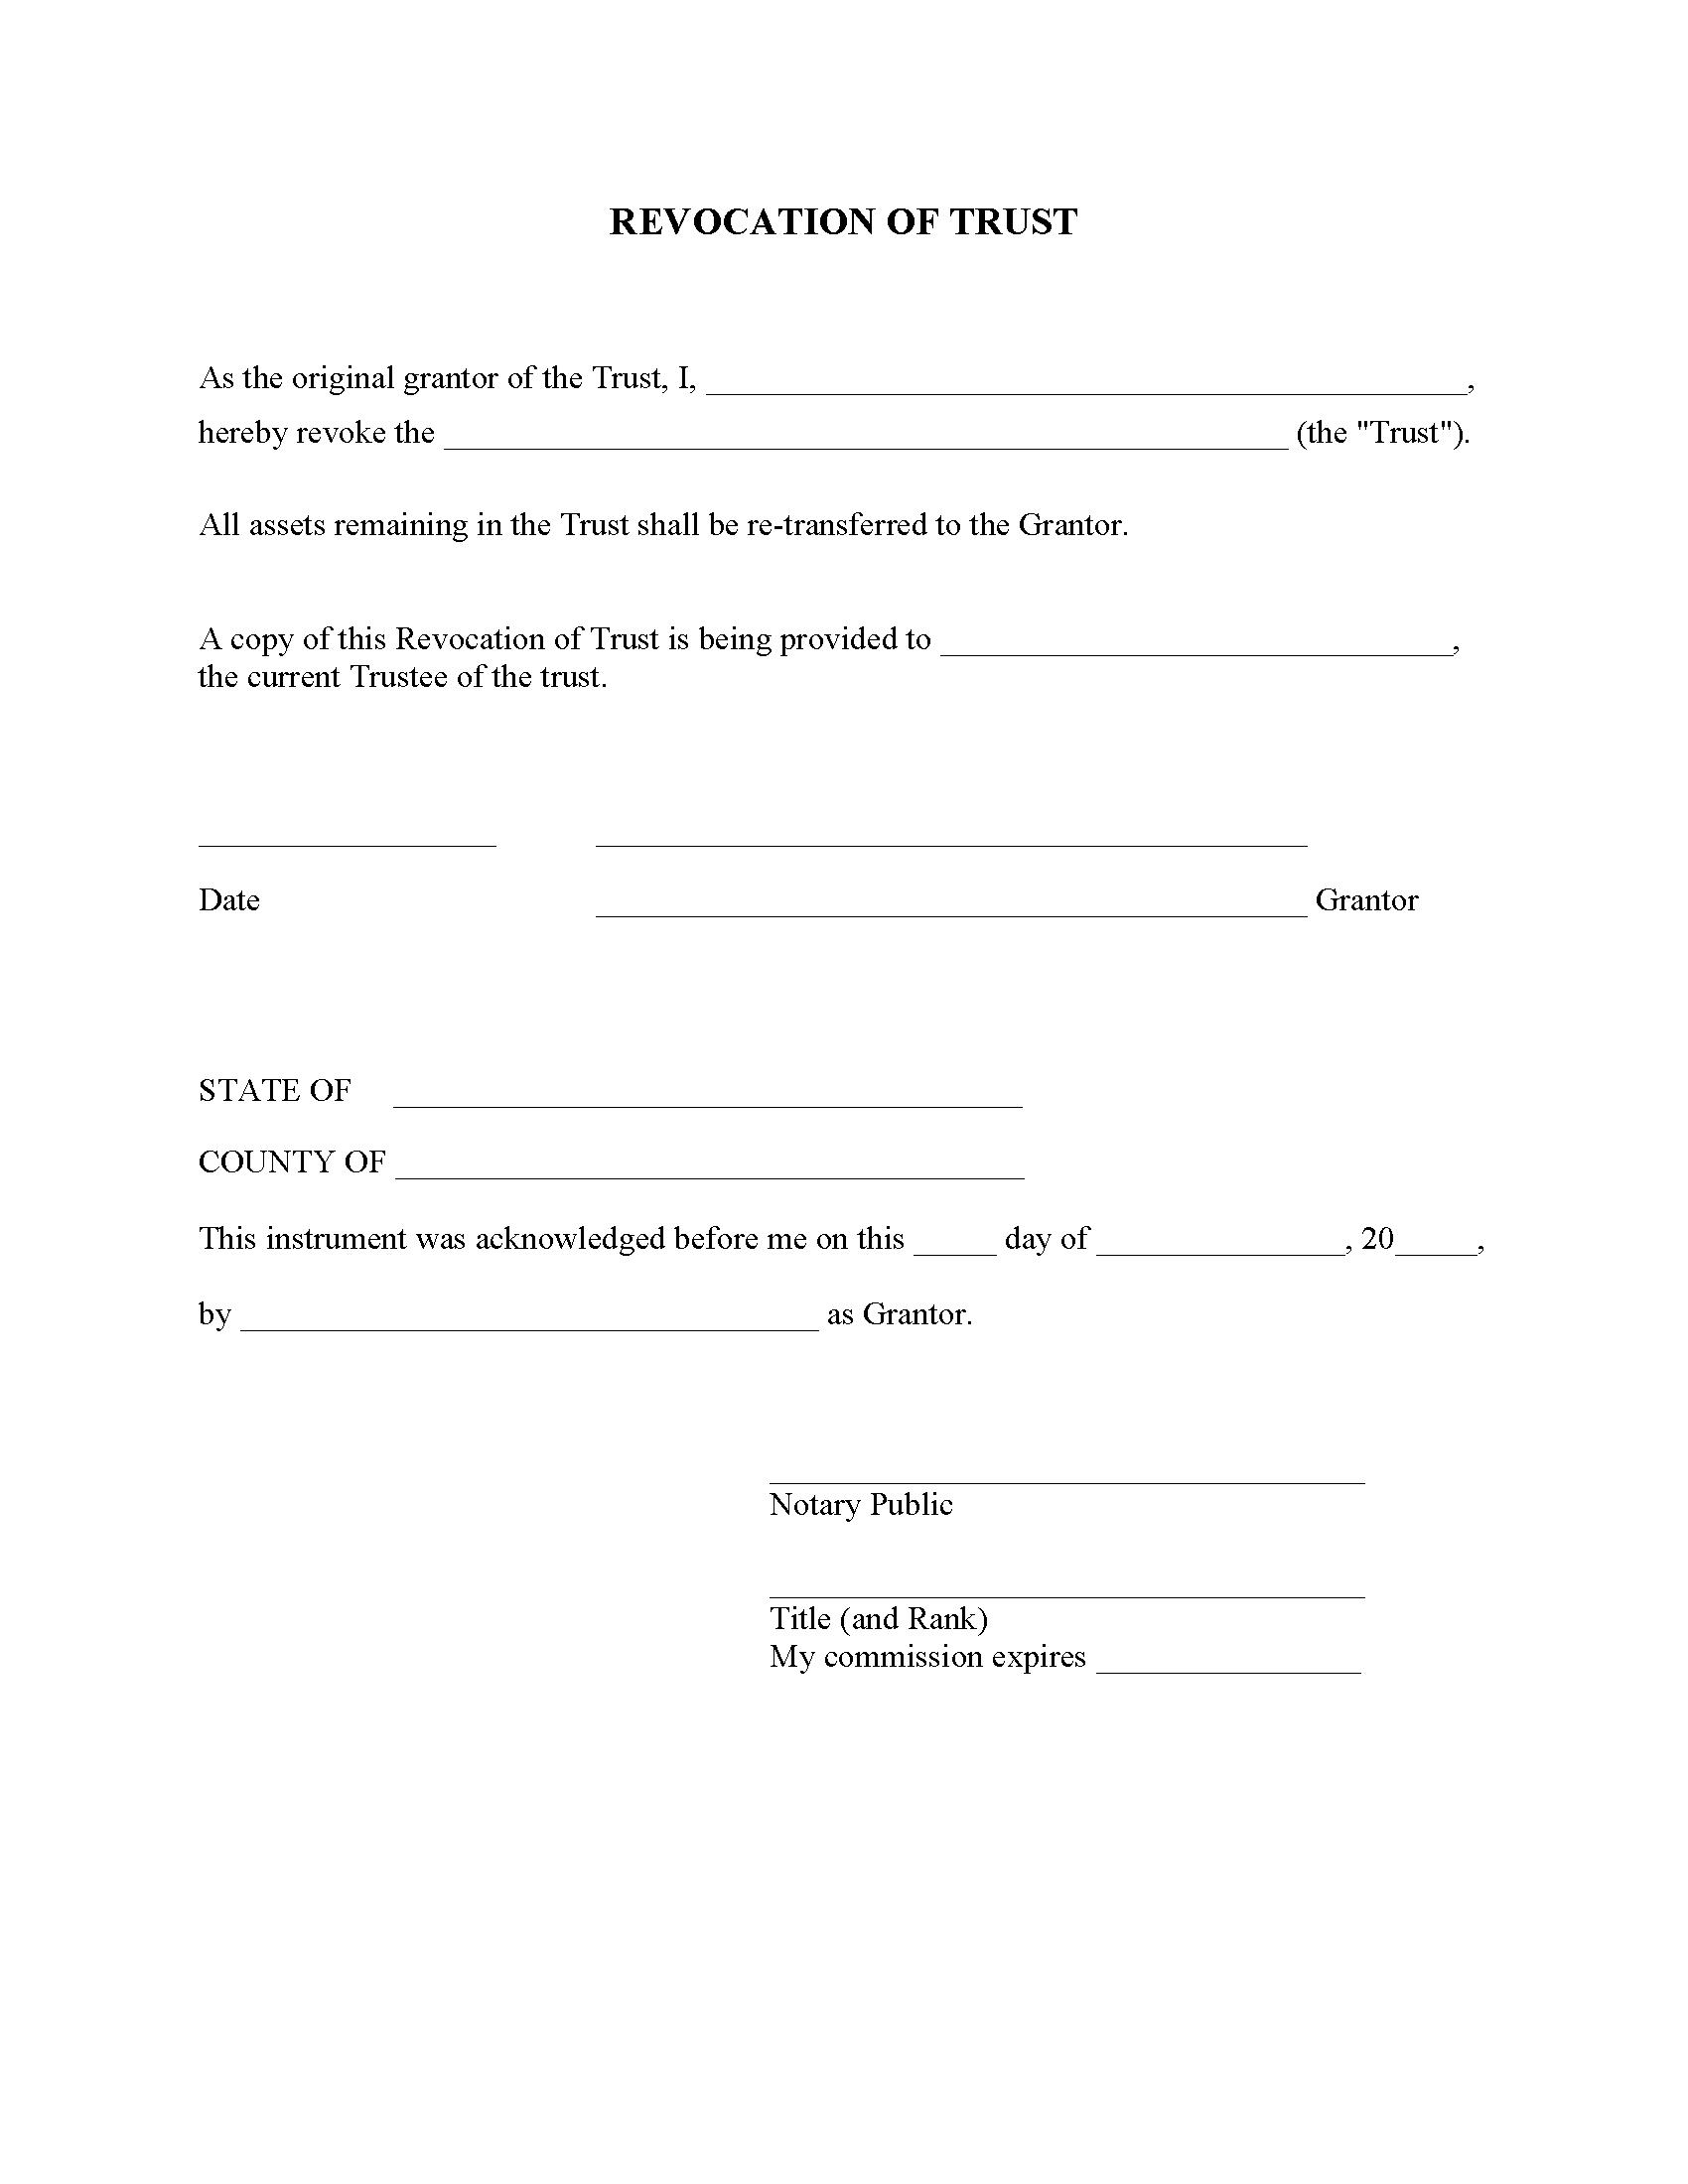 Arkansas Revocation of Trust Form